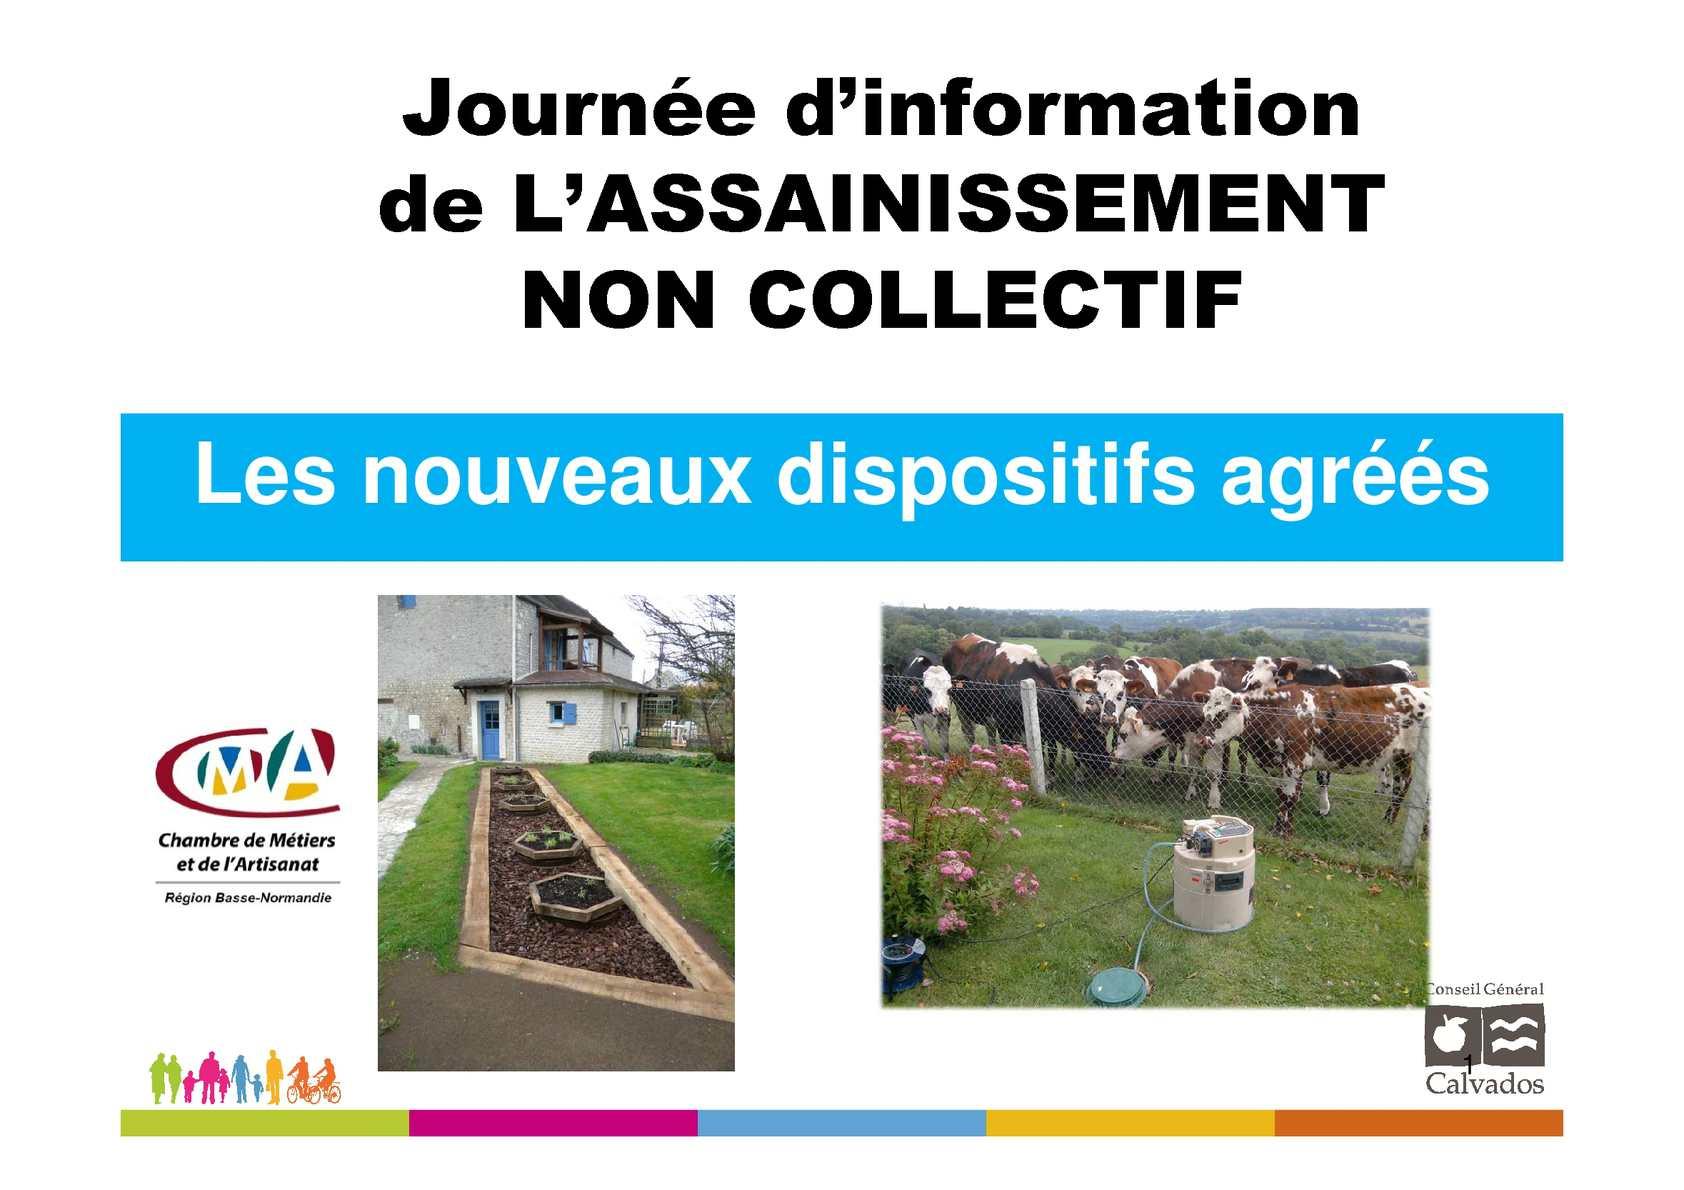 Calam o journ e d information de l assainissement non collectif les nouve - Assainissement non collectif reglementation ...